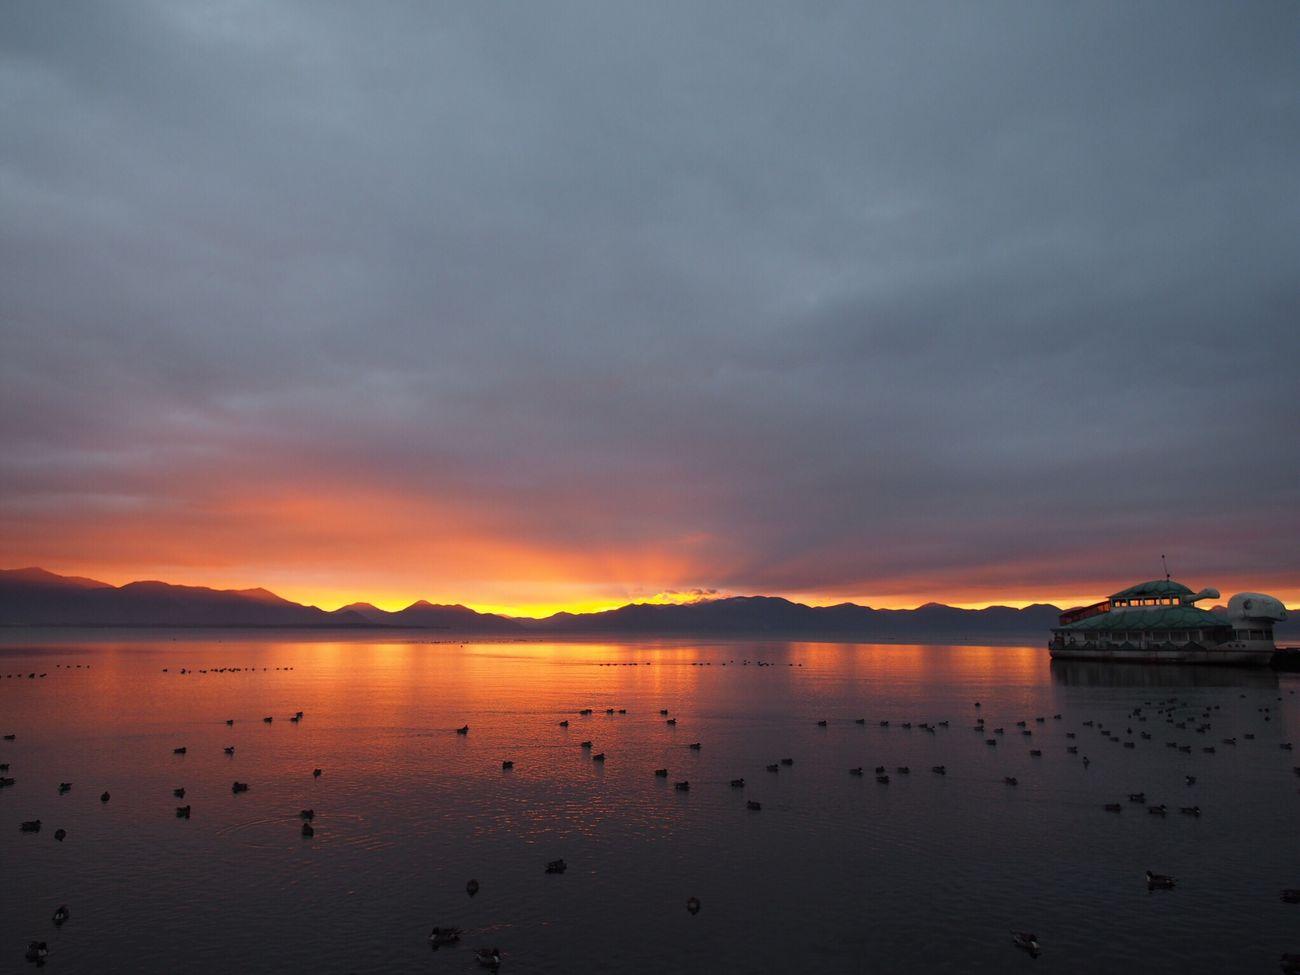 2016.12.05 #猪苗代湖 #夜明け やっぱりピントが甘い。目が悪いからかな? 何度も撮りに行ってるのに… 悔しい。